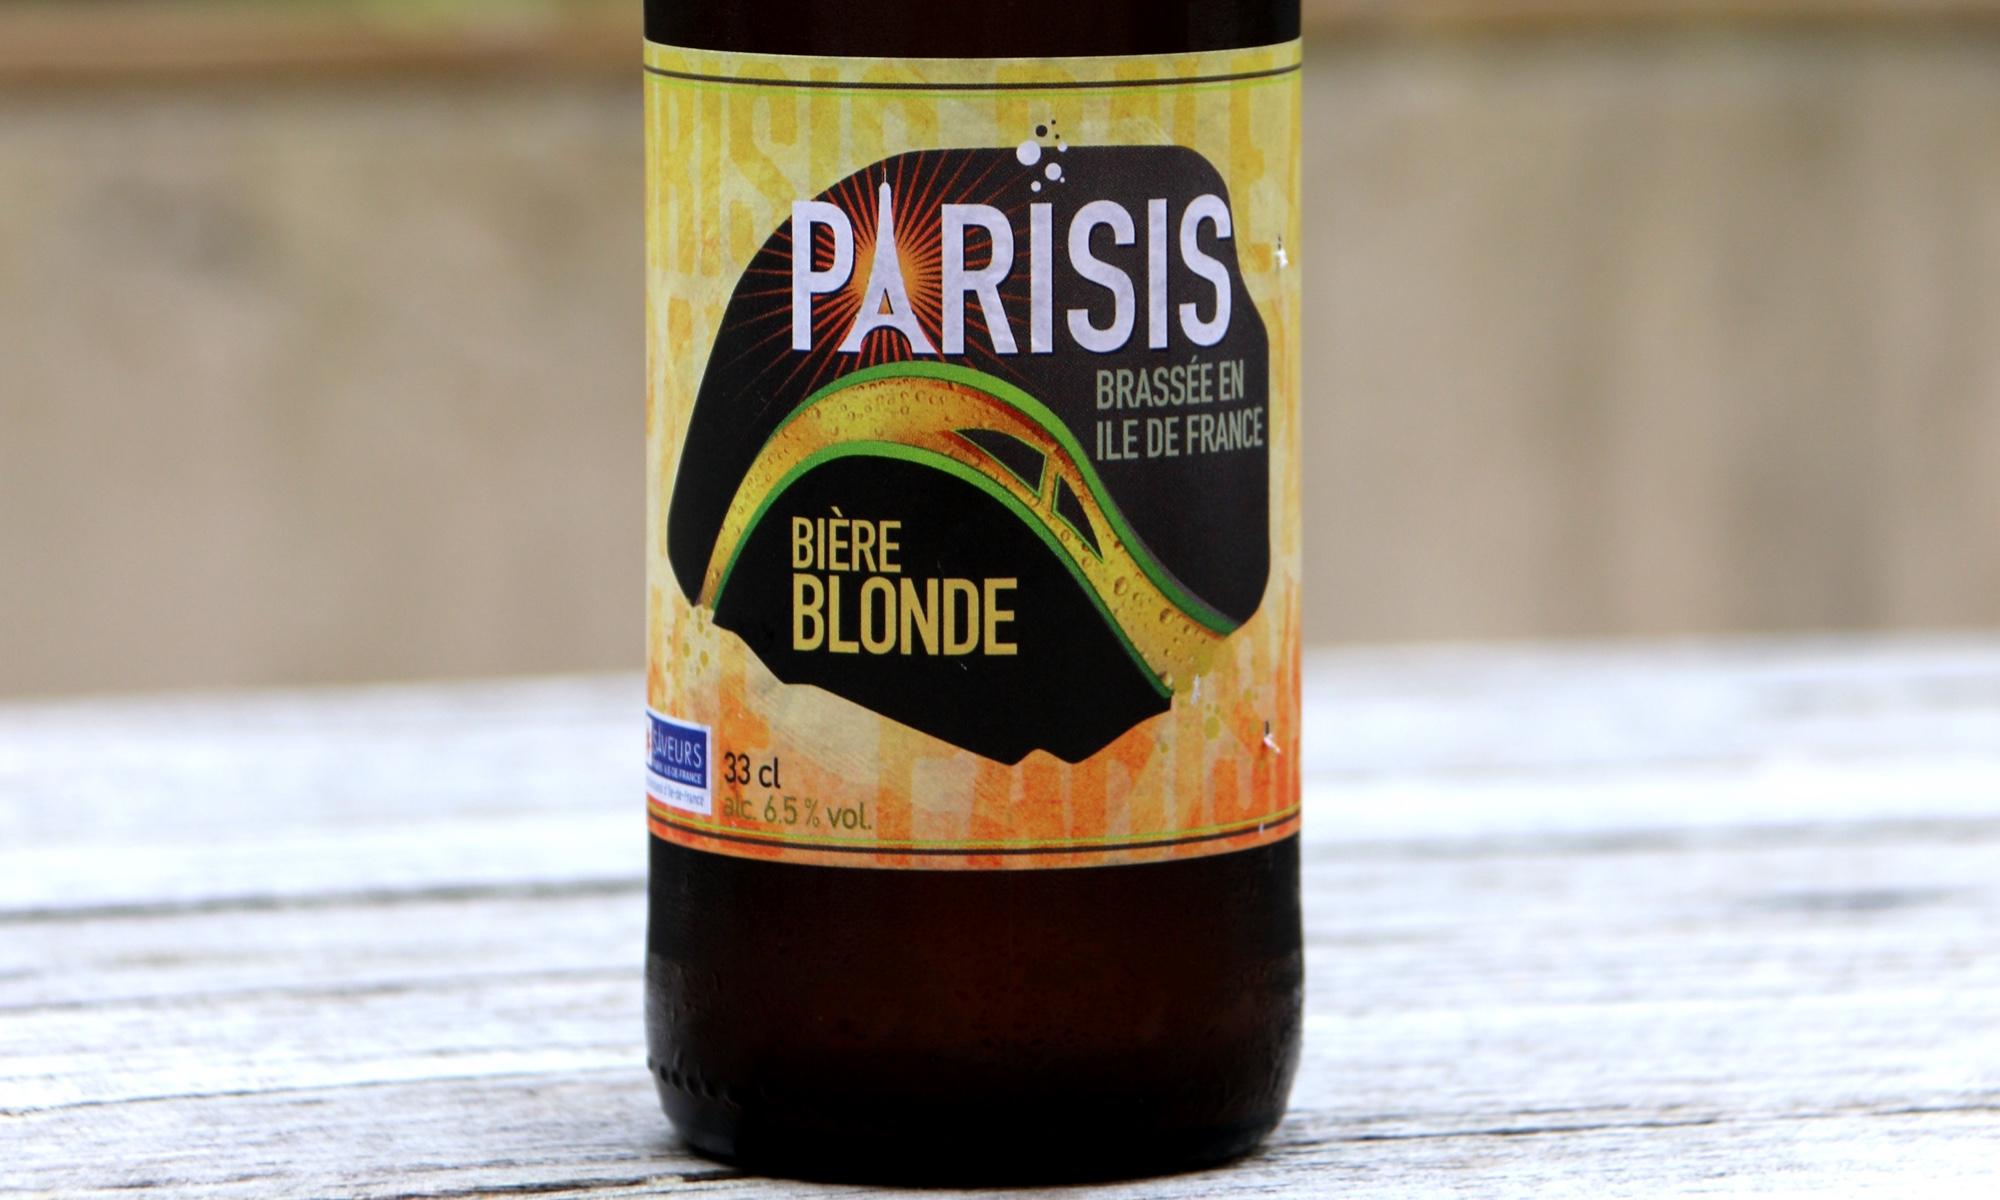 Parisis Blonde